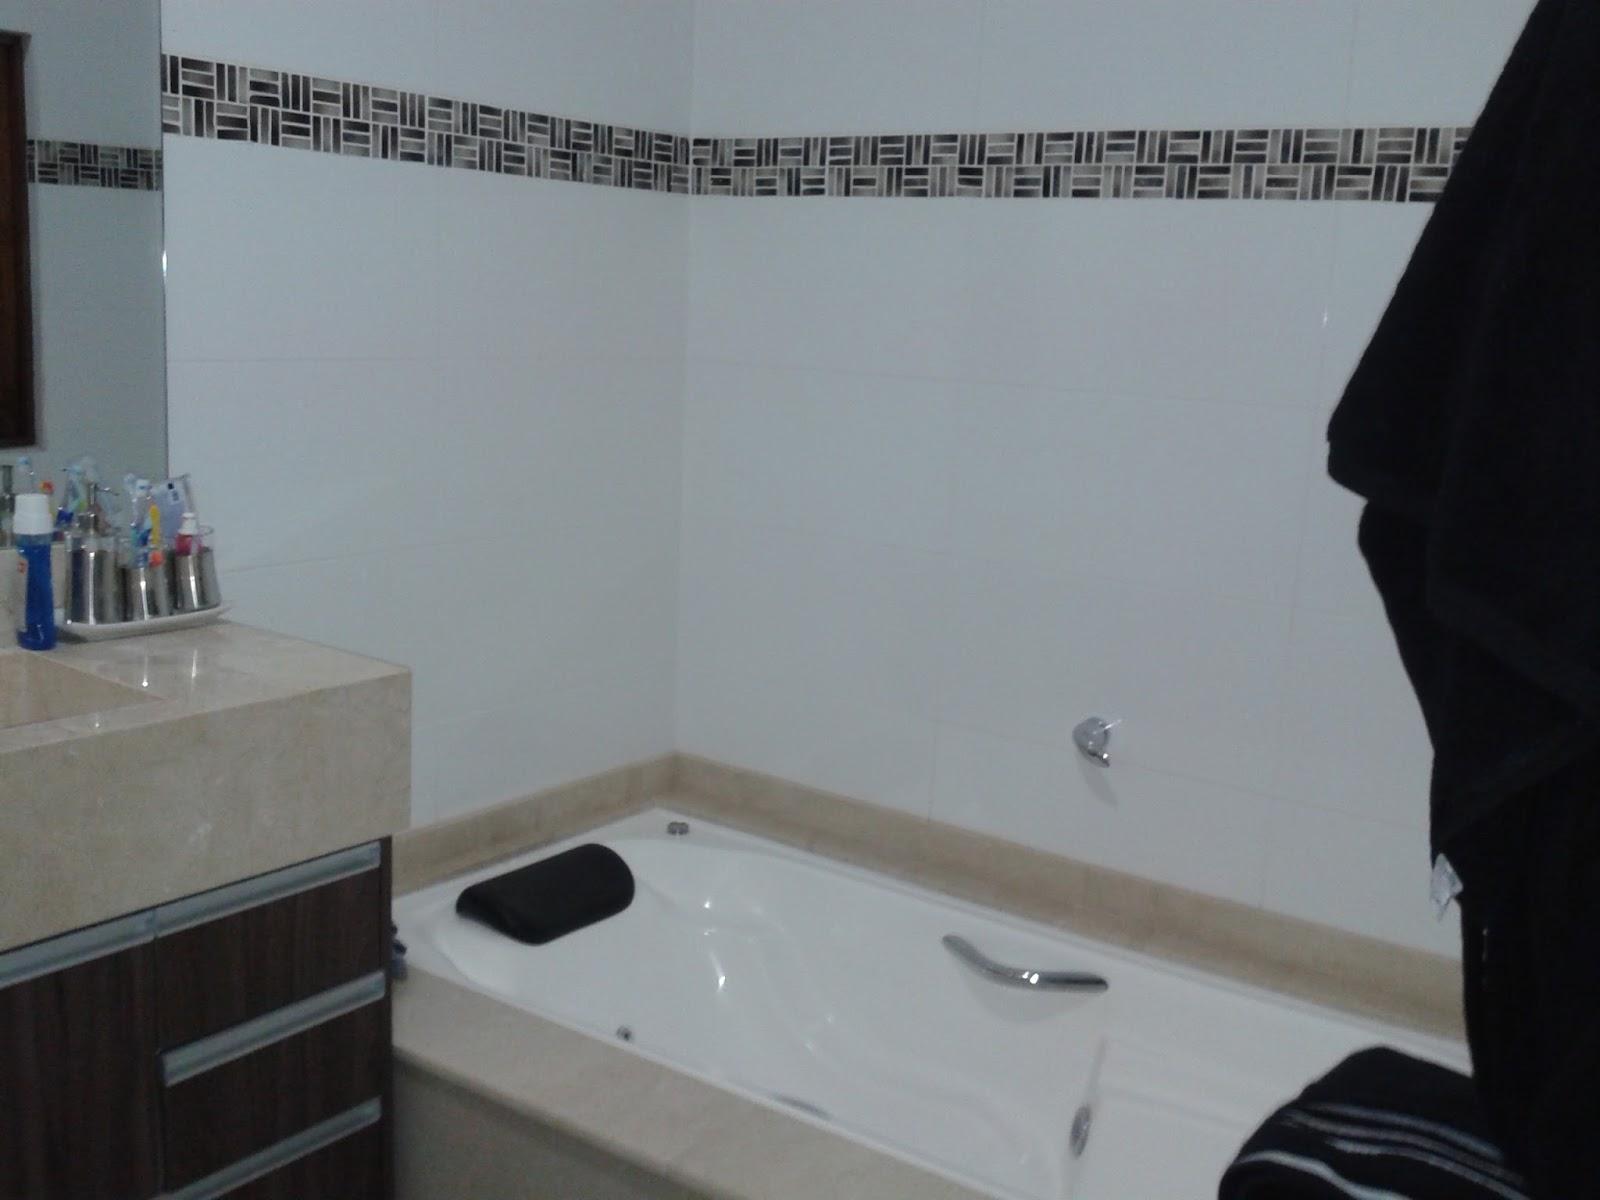 Meu par perfeitoConstruindo o meu lar Banheiro da suíte finalizado, metais, -> Banheiro Super Pequeno Com Banheira